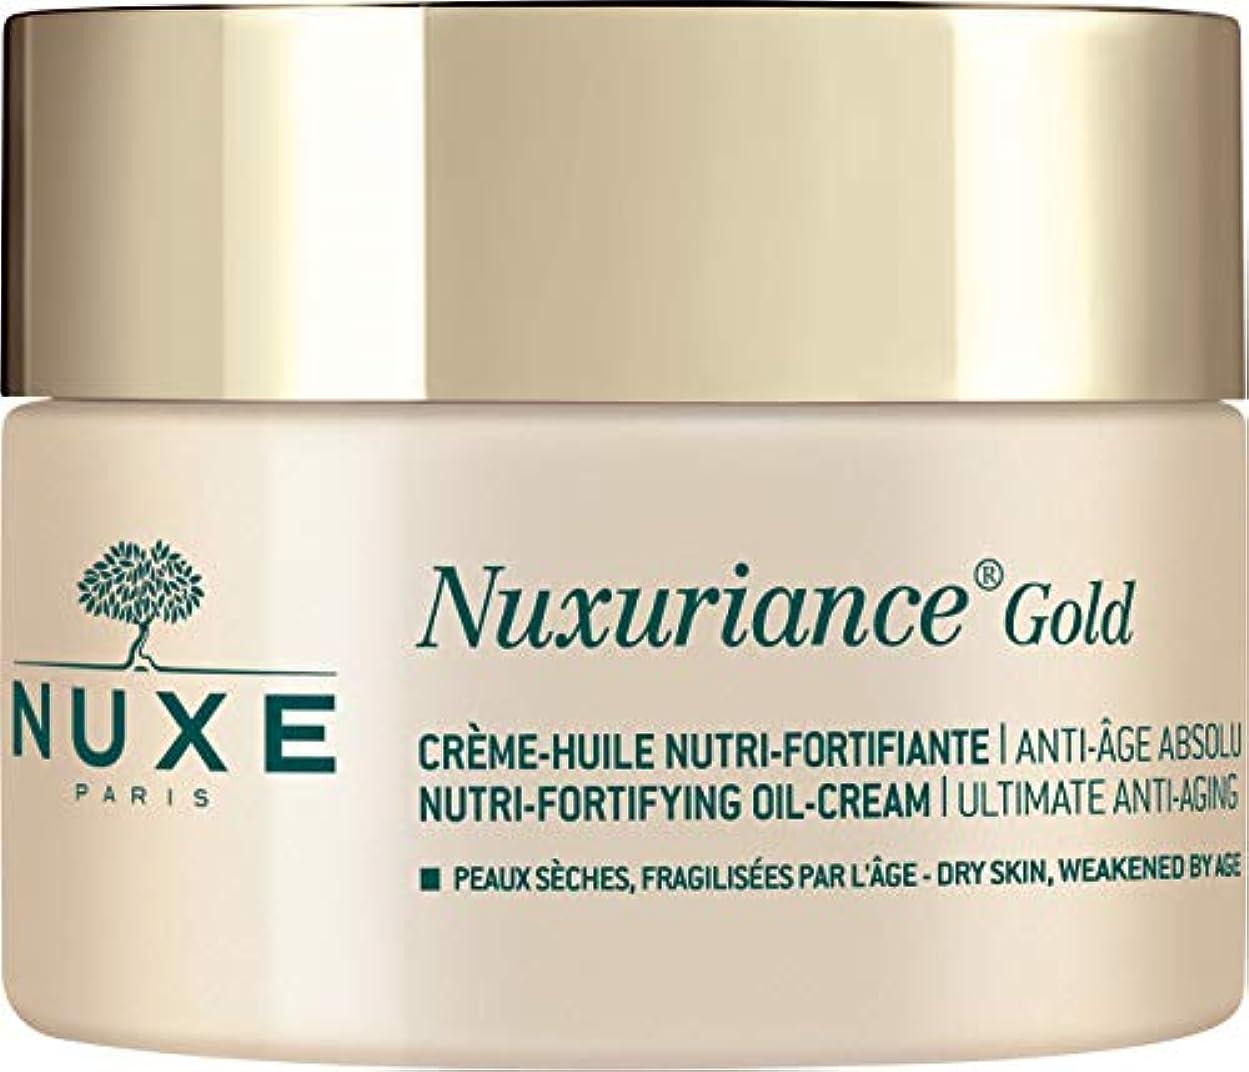 とげ通常いわゆるニュクス[NUXE] ニュクスリアンス ゴールド オイルクリーム 50ml 海外直送品